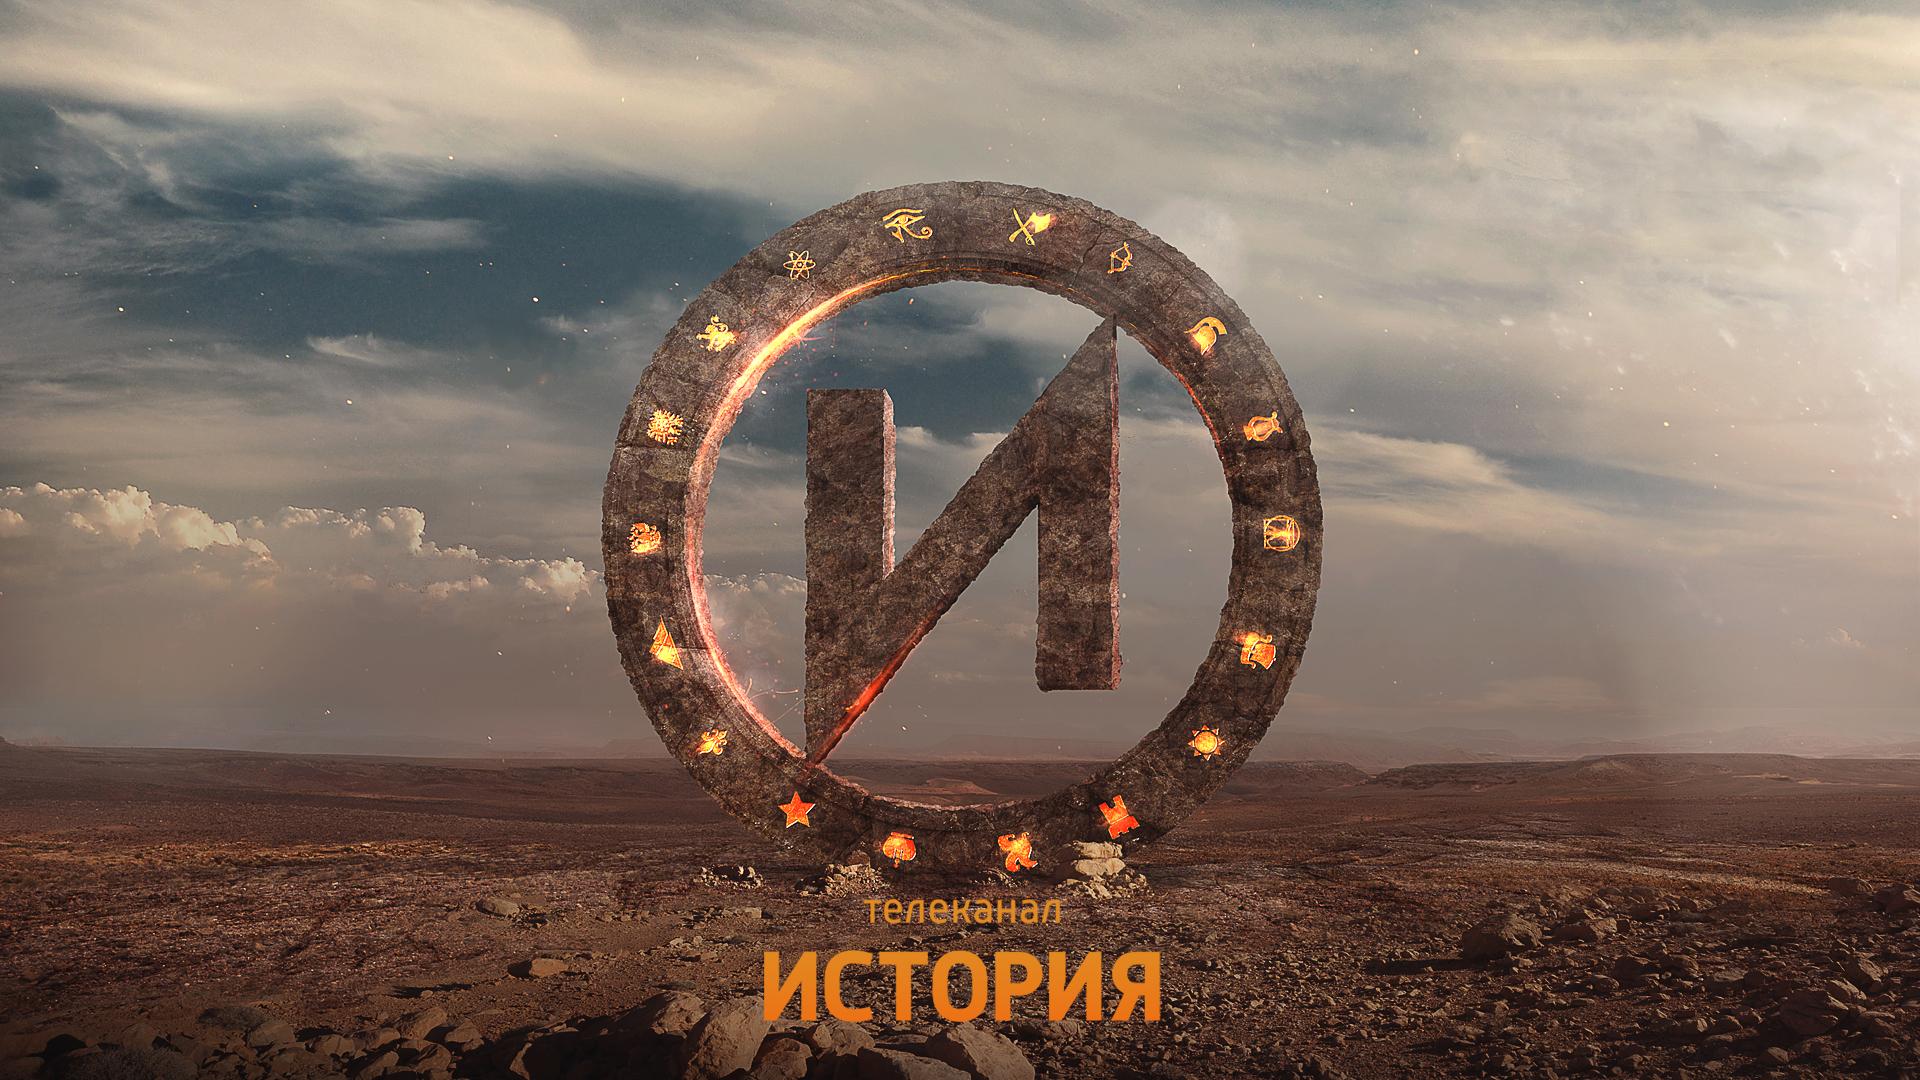 Cмотрите фильмы от канала «История» 21 мая в парке «Россия — Моя история»